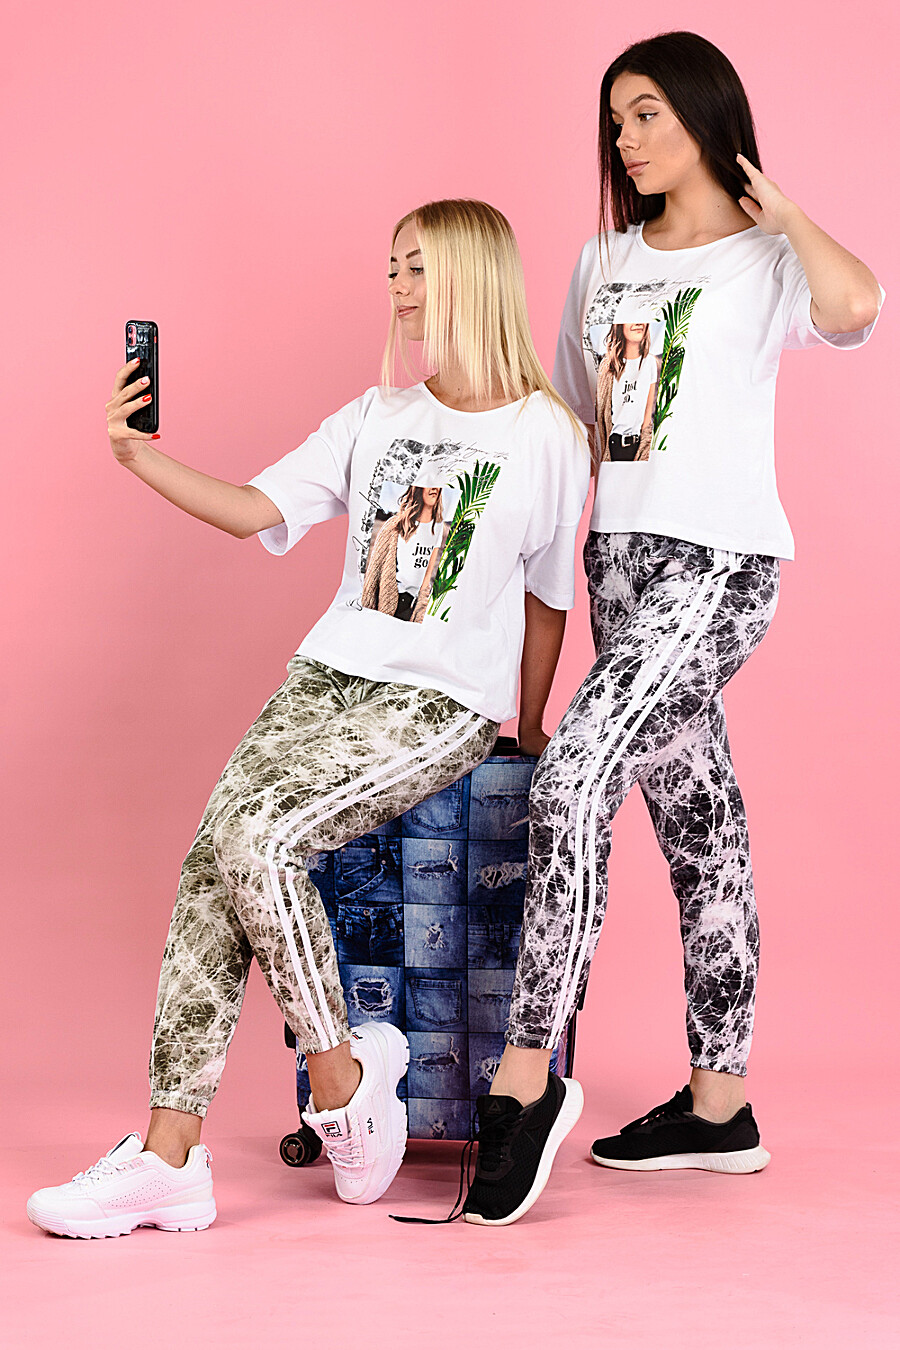 Брюки 8121 для женщин НАТАЛИ 682469 купить оптом от производителя. Совместная покупка женской одежды в OptMoyo